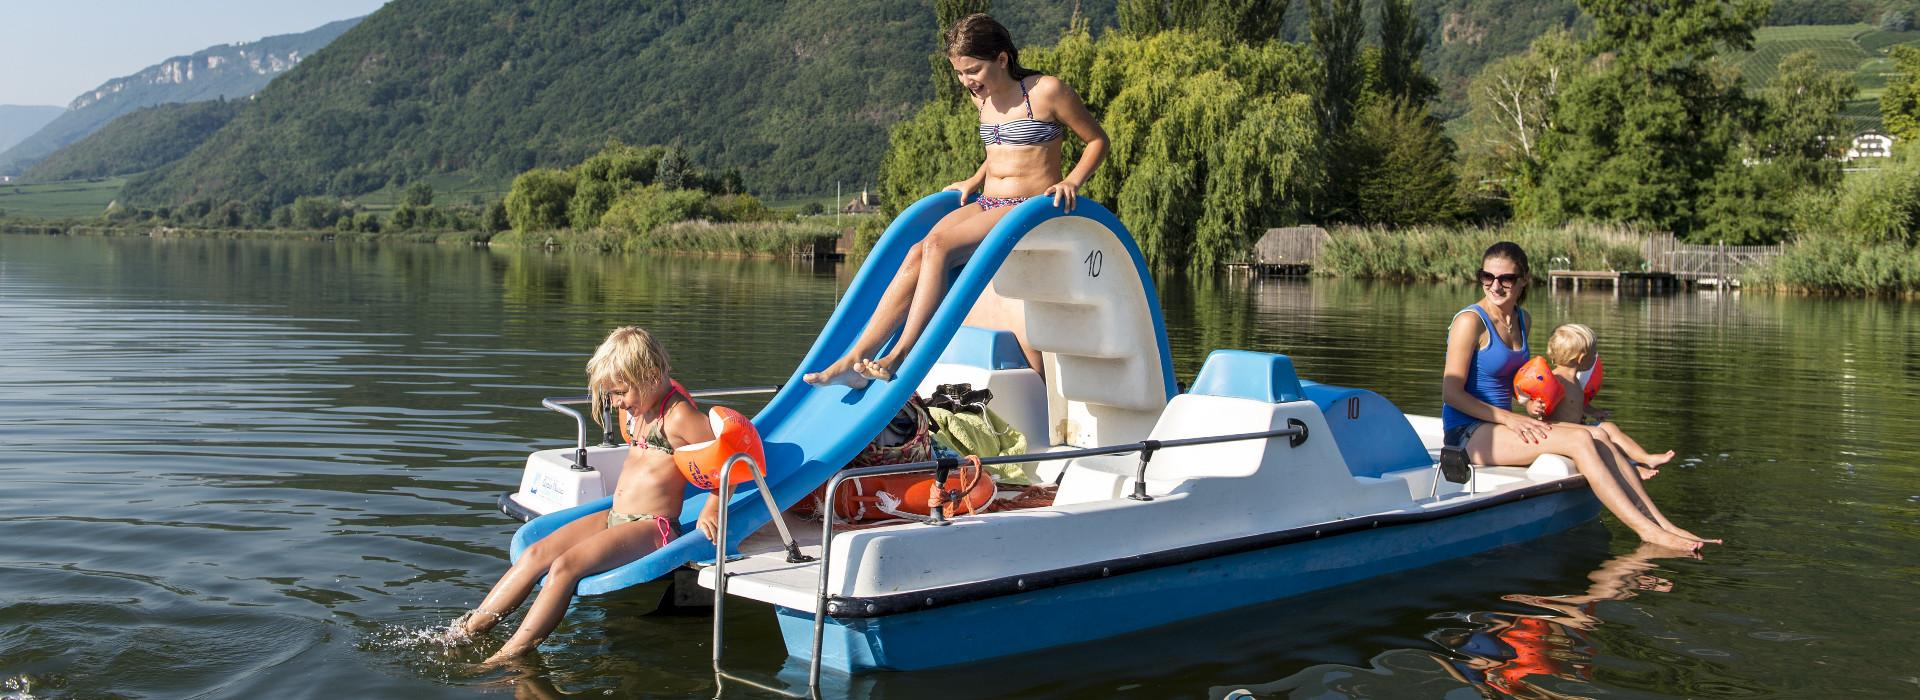 Tretboot auf dem Kalterer See - Aktivitäten im Familienhotel in Kaltern am See